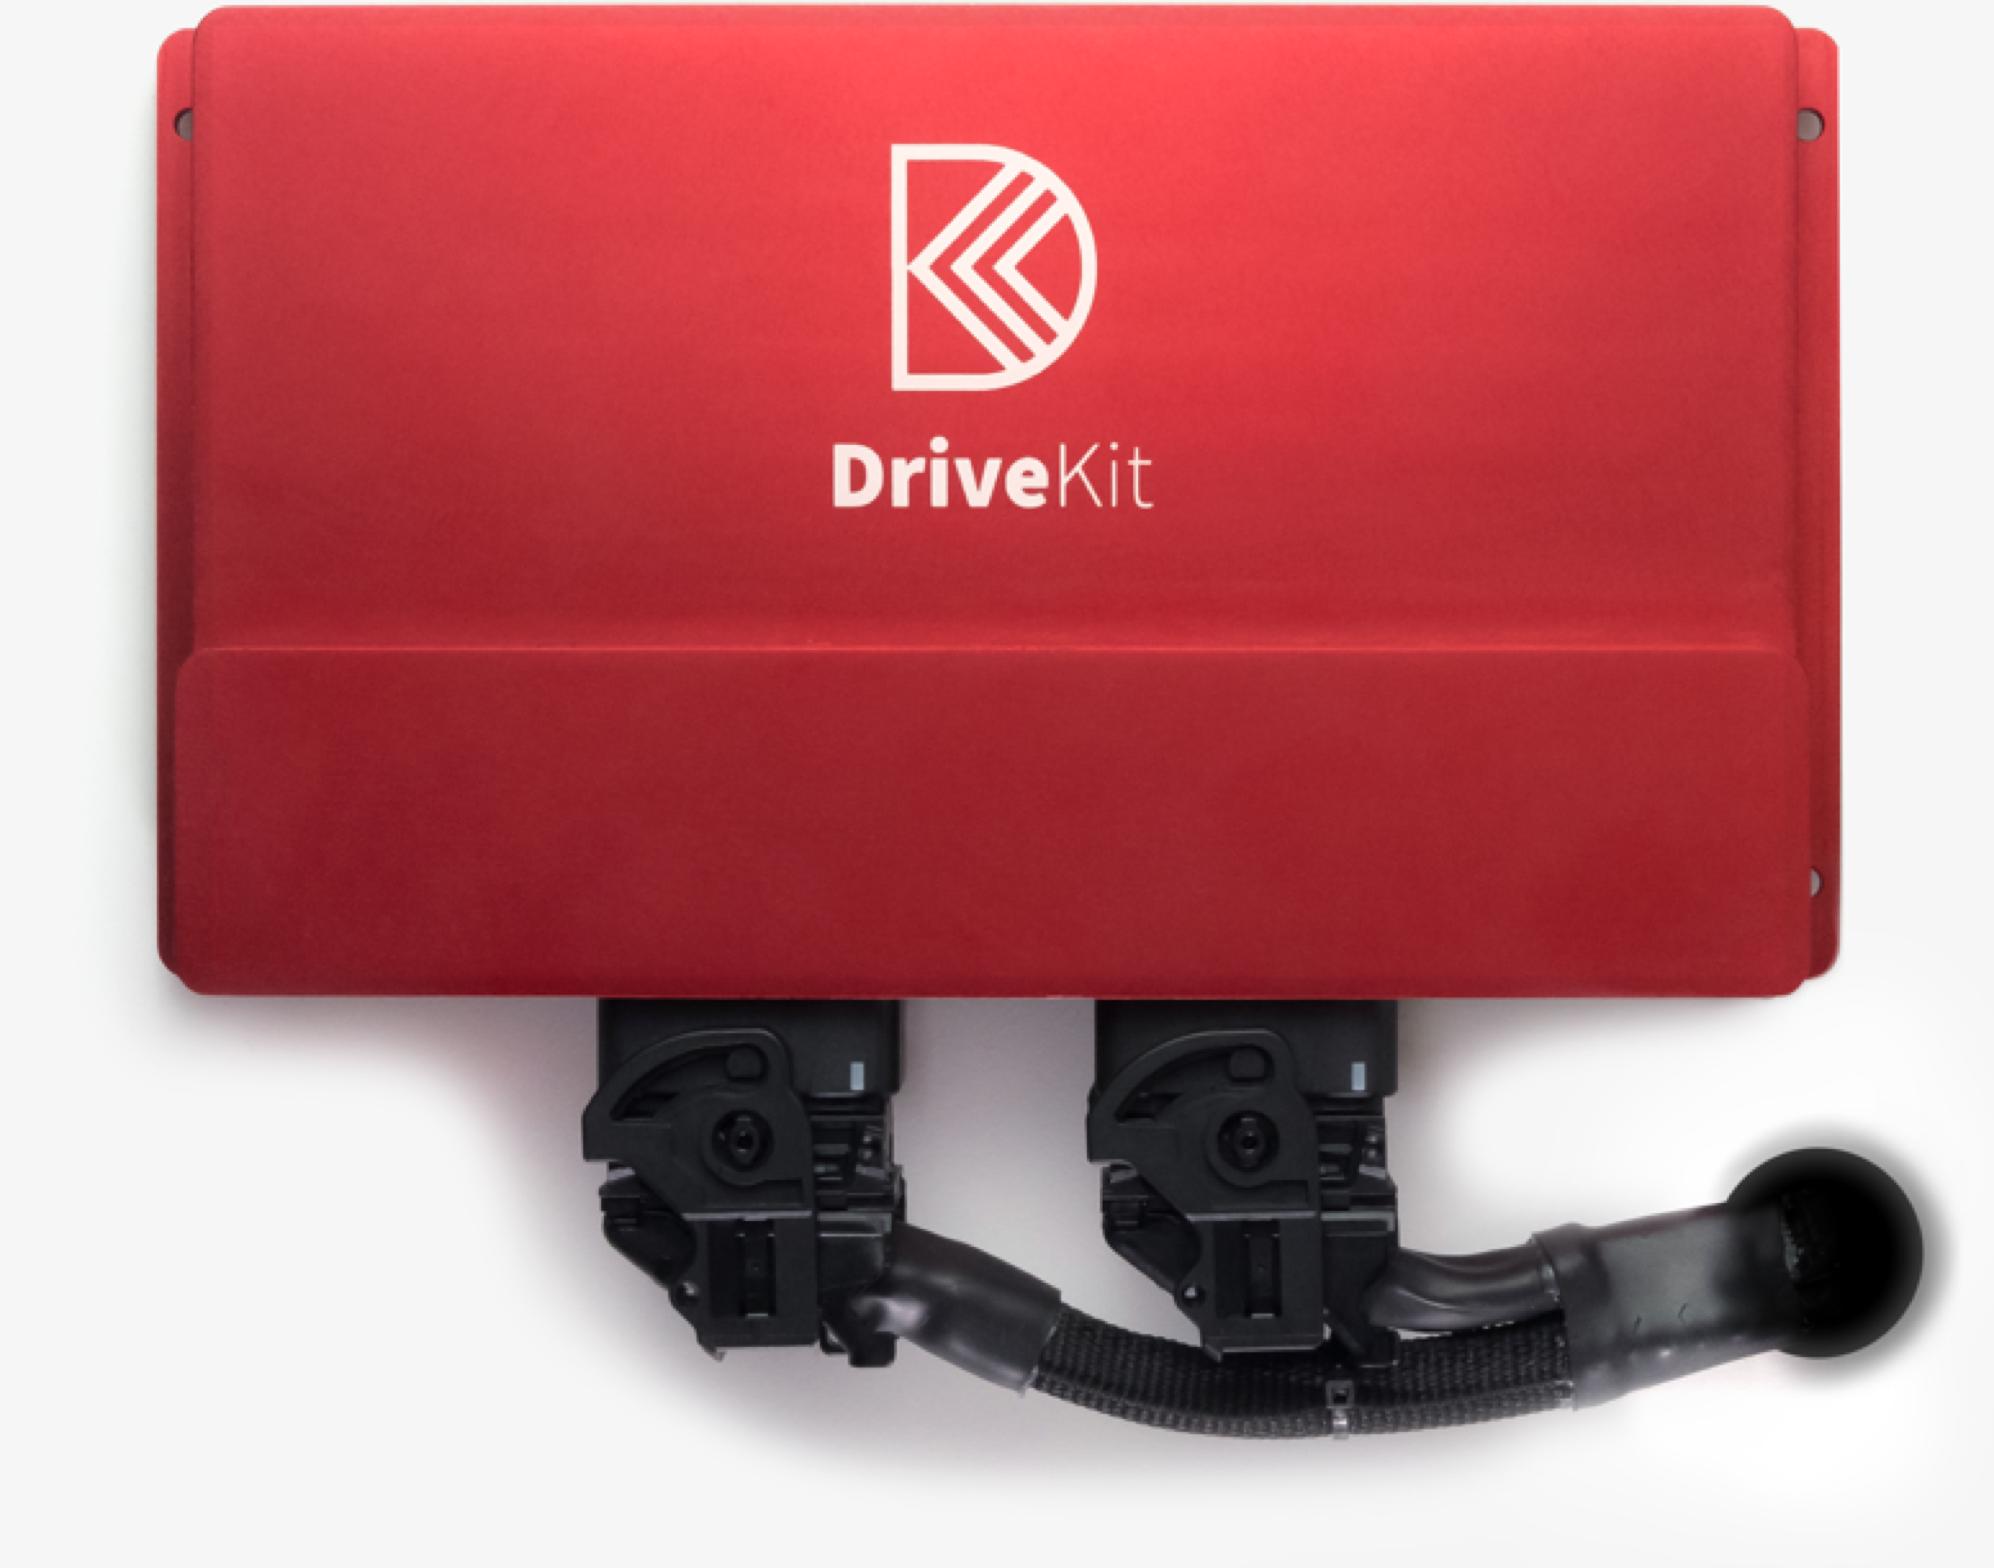 PolySync DriveKit